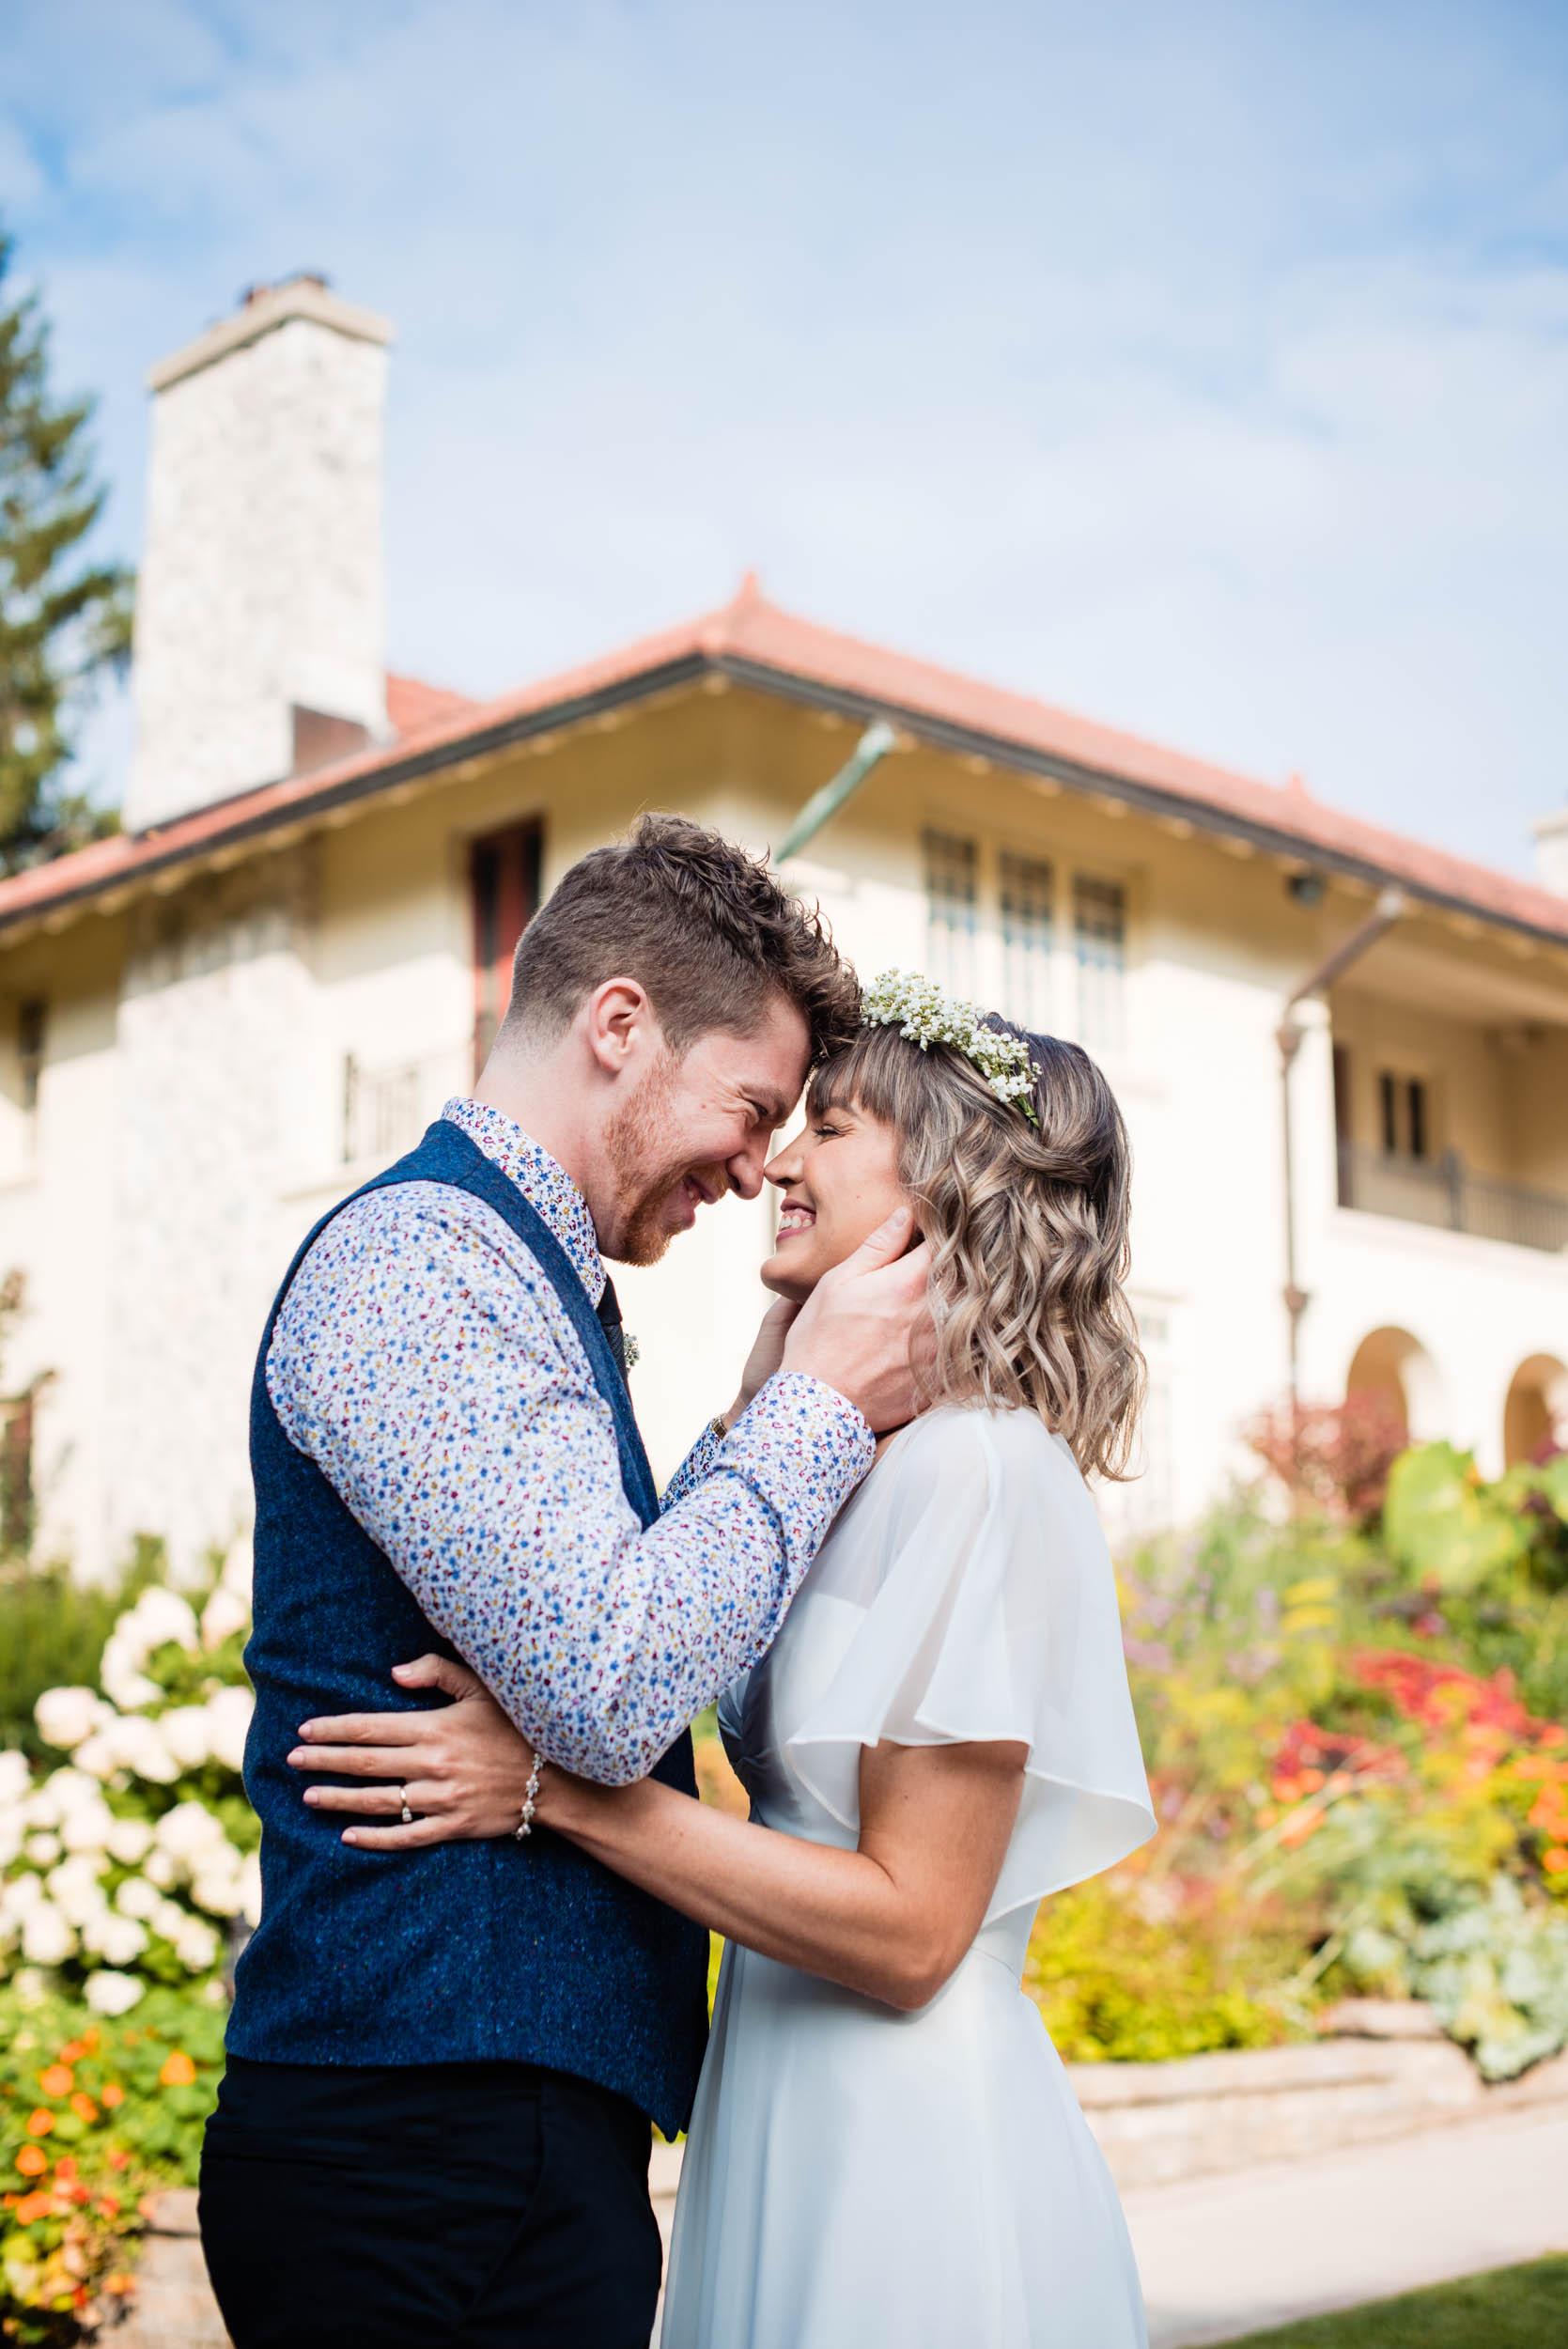 eslie-perrin-wedding (4).jpg